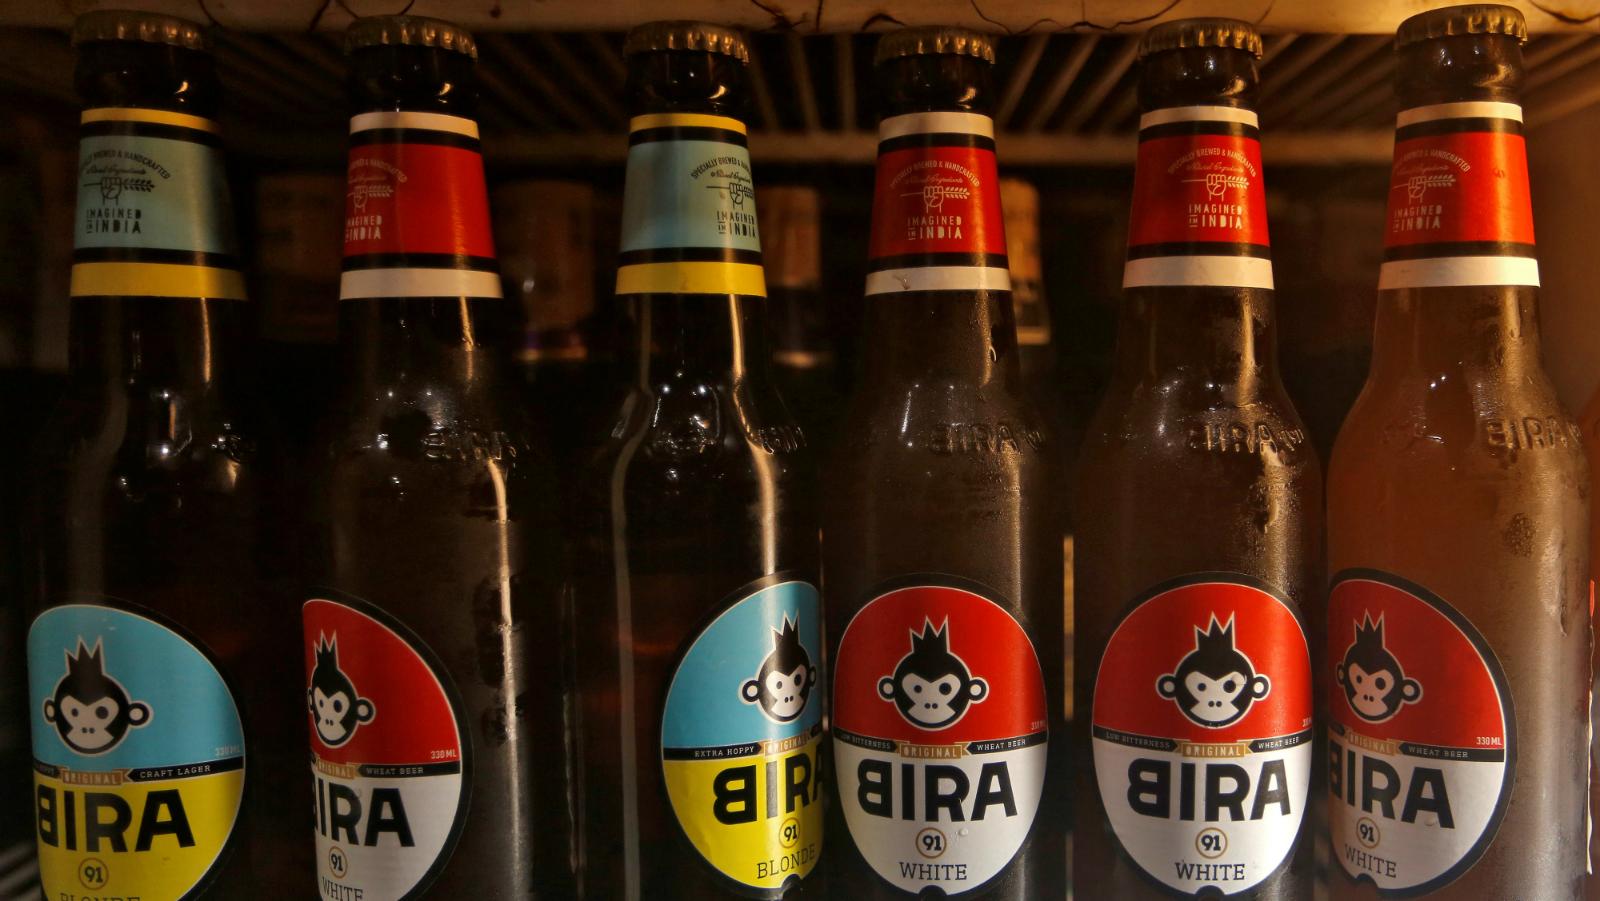 India-Bira-Funding